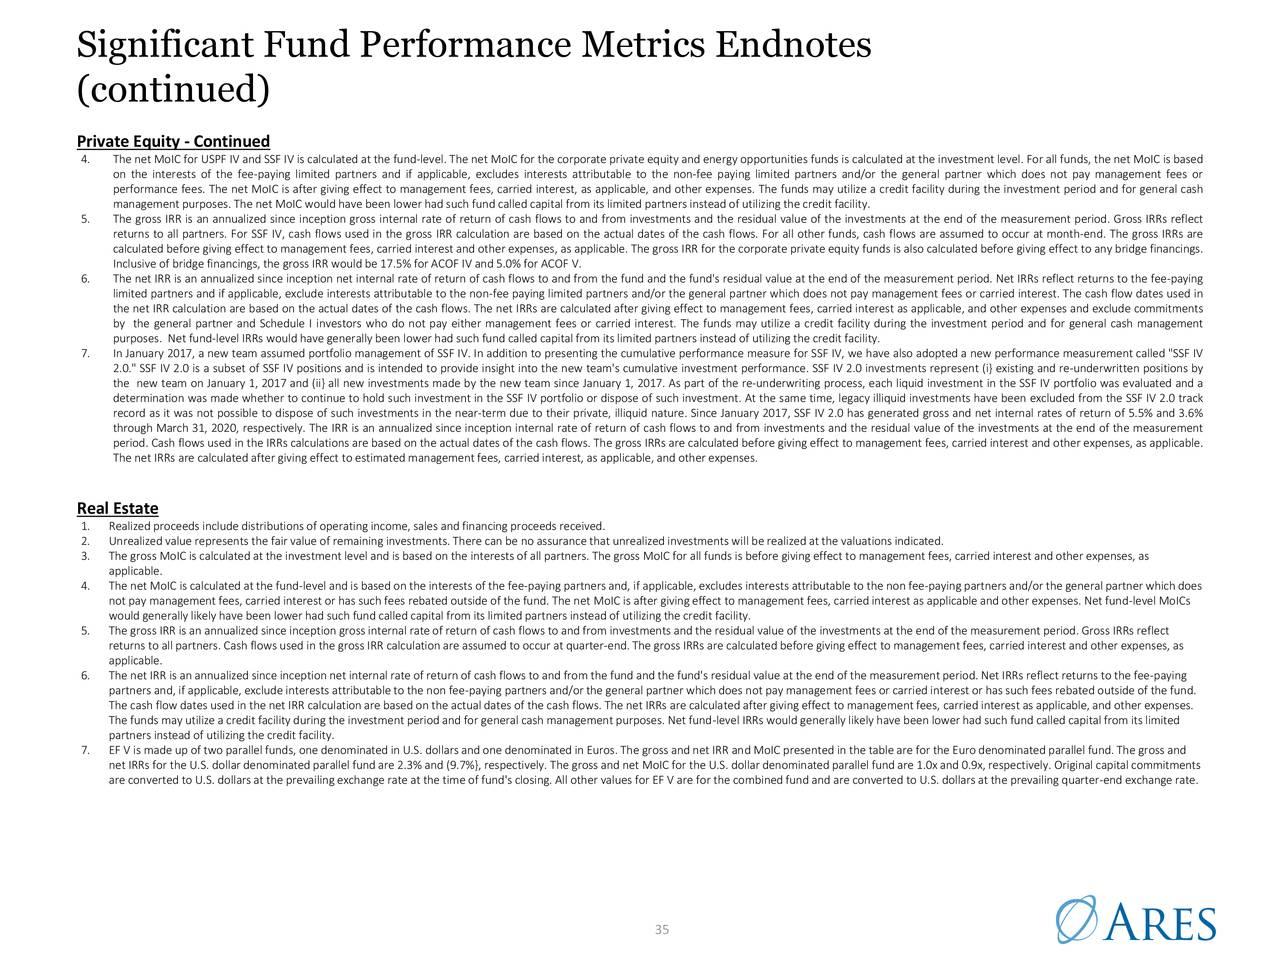 Notas finales significativas de métricas de rendimiento del fondo